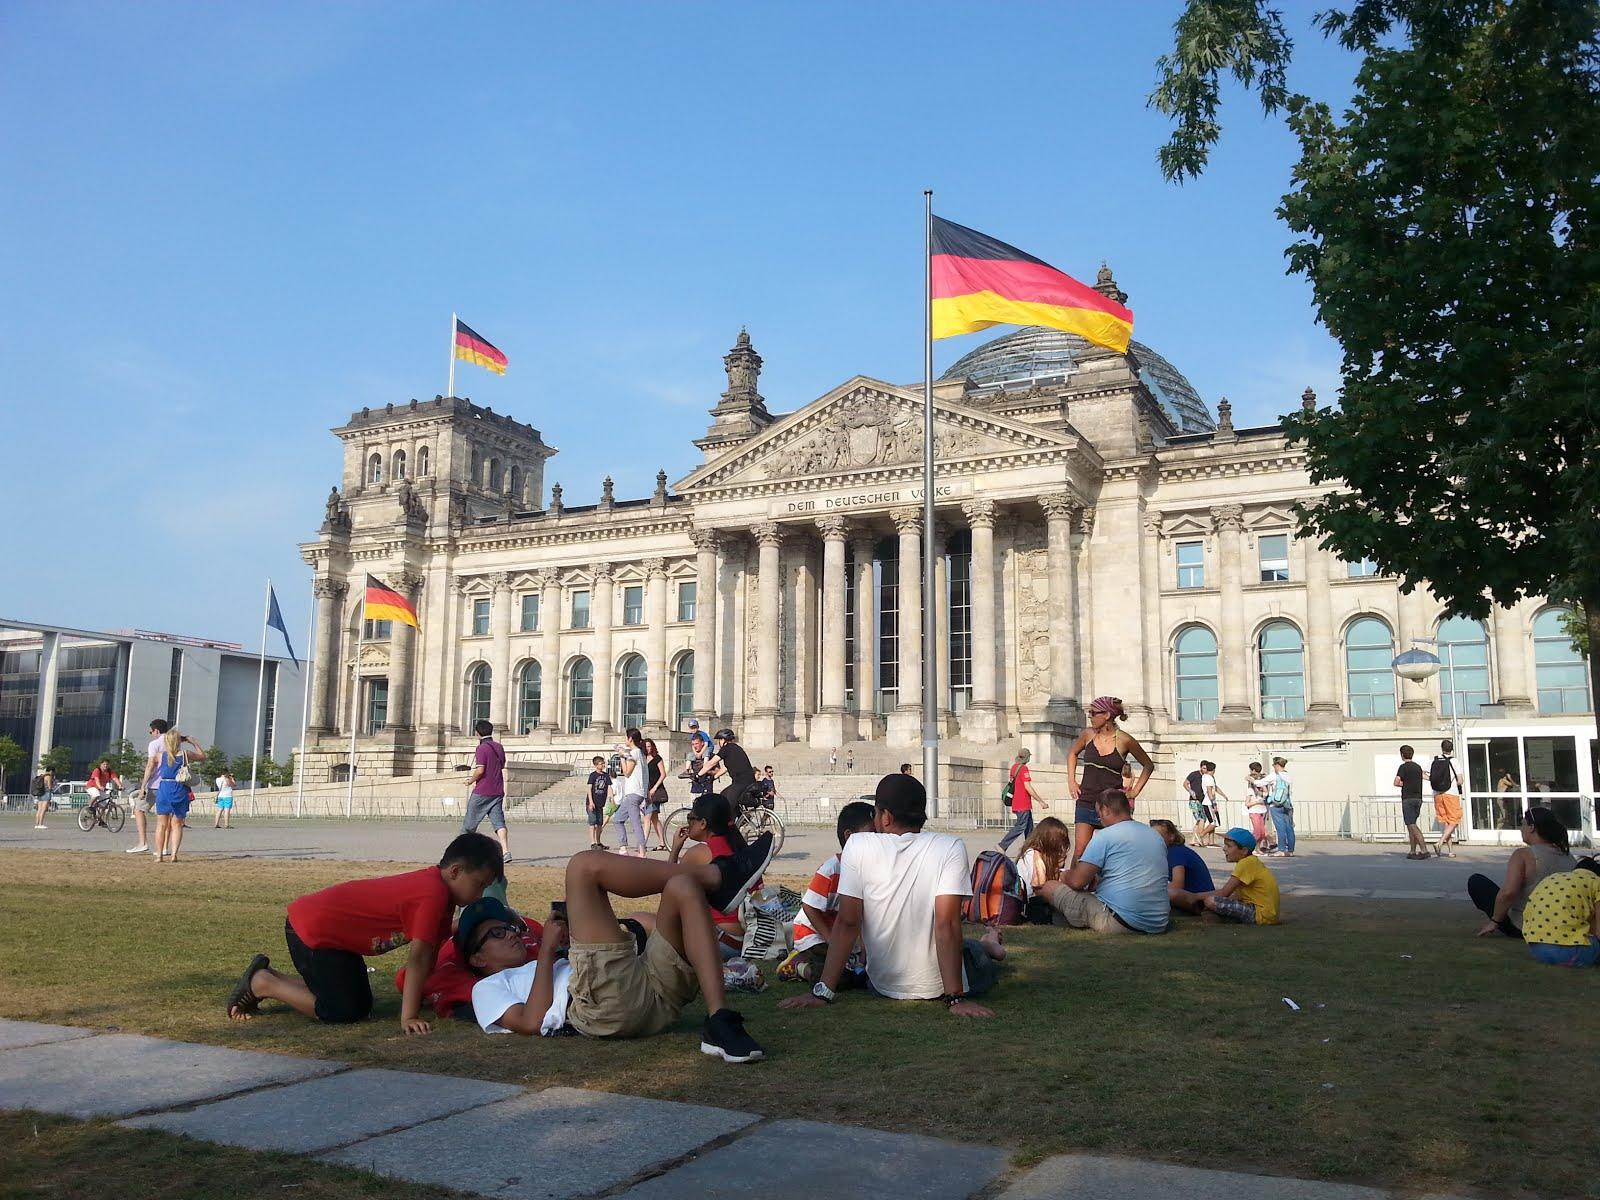 בניין הפרלמנט הגרמני (הבונדסטאג) - הרייכסטאג